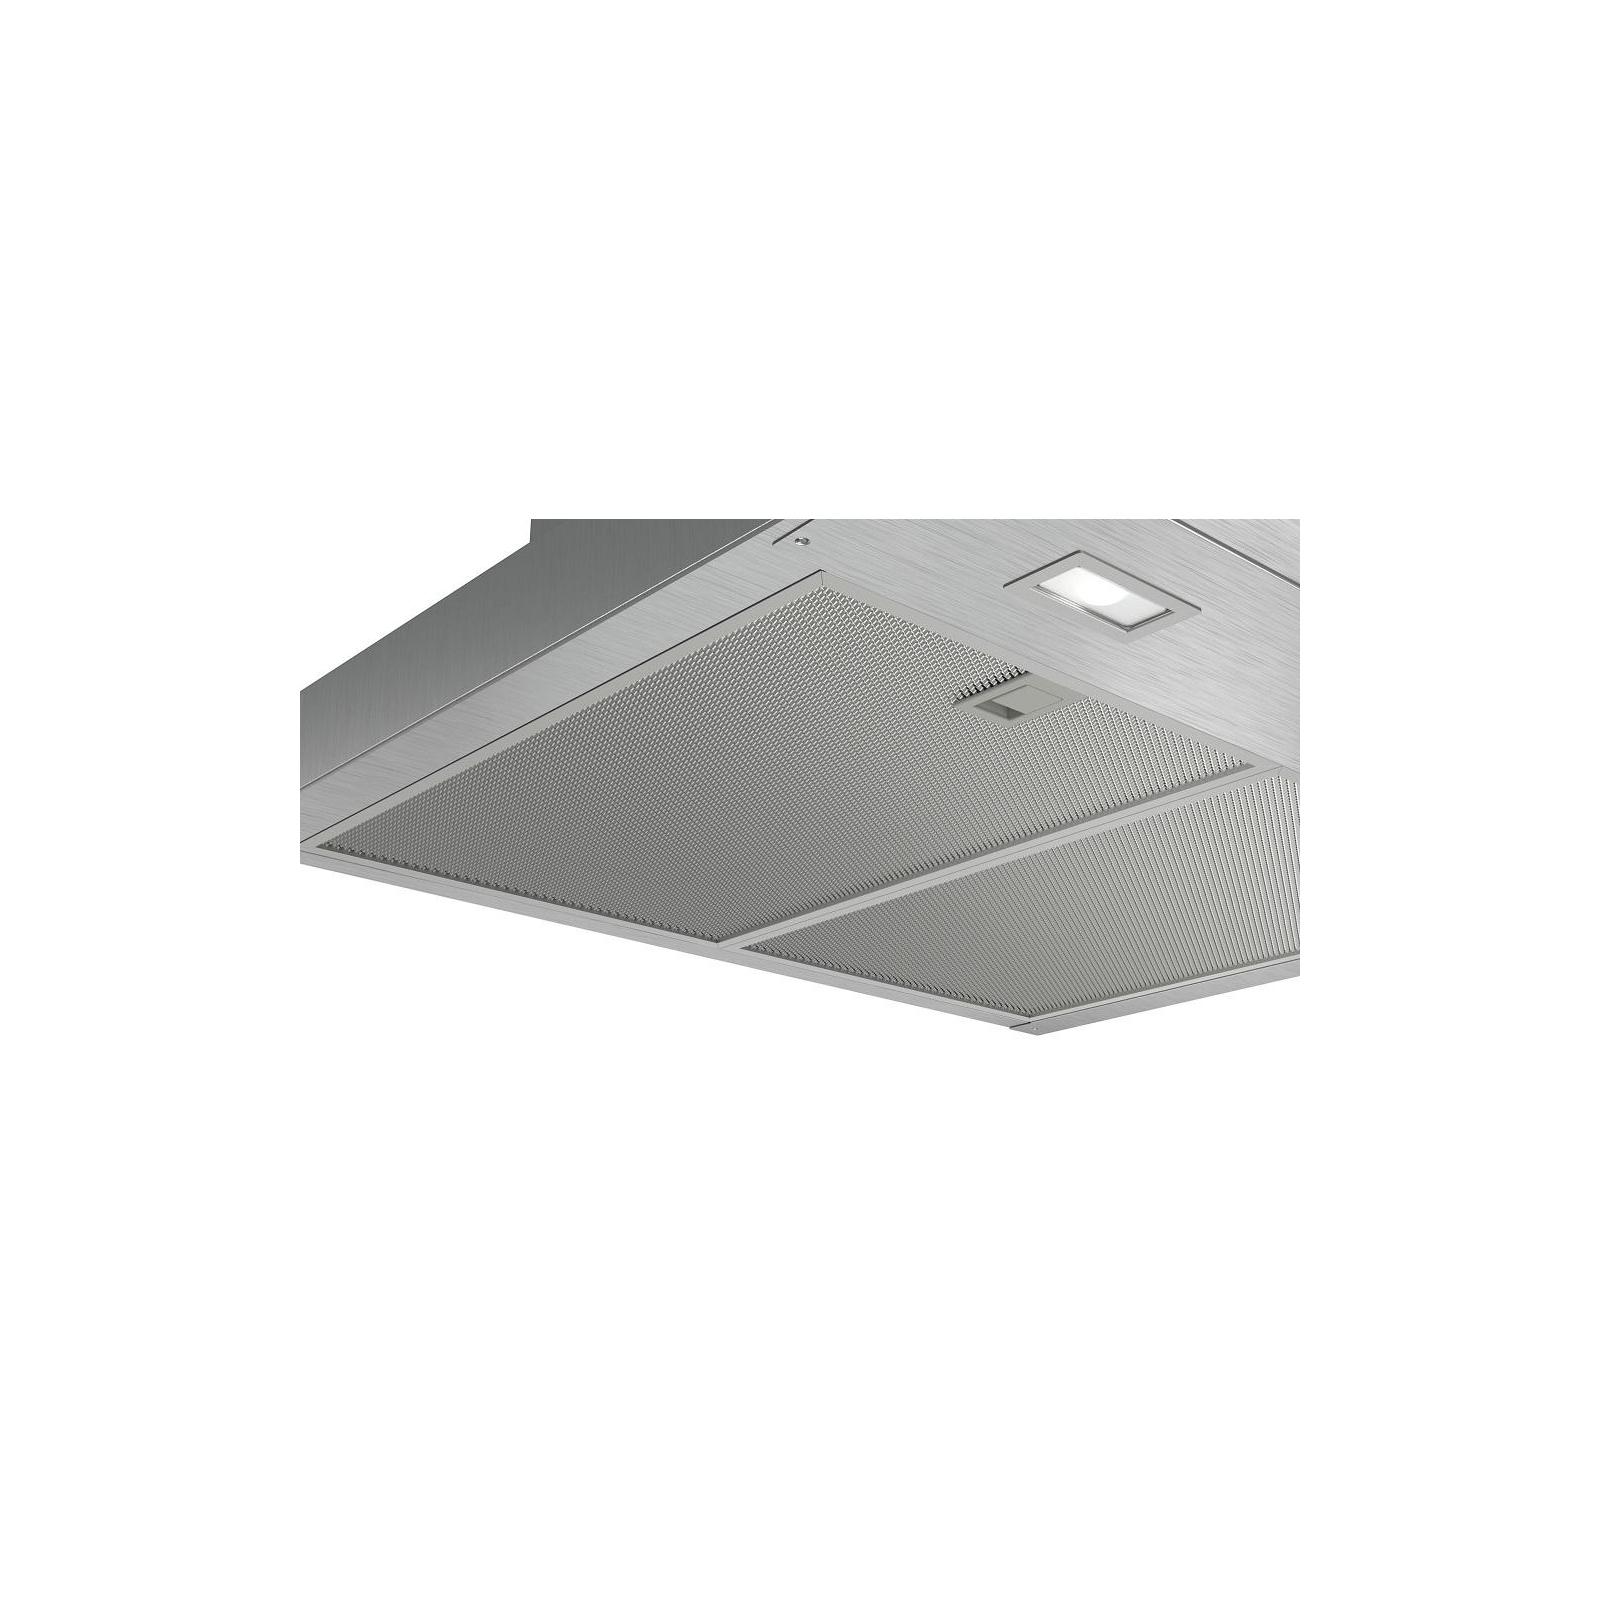 Вытяжка кухонная Bosch DWB66DM50 изображение 3